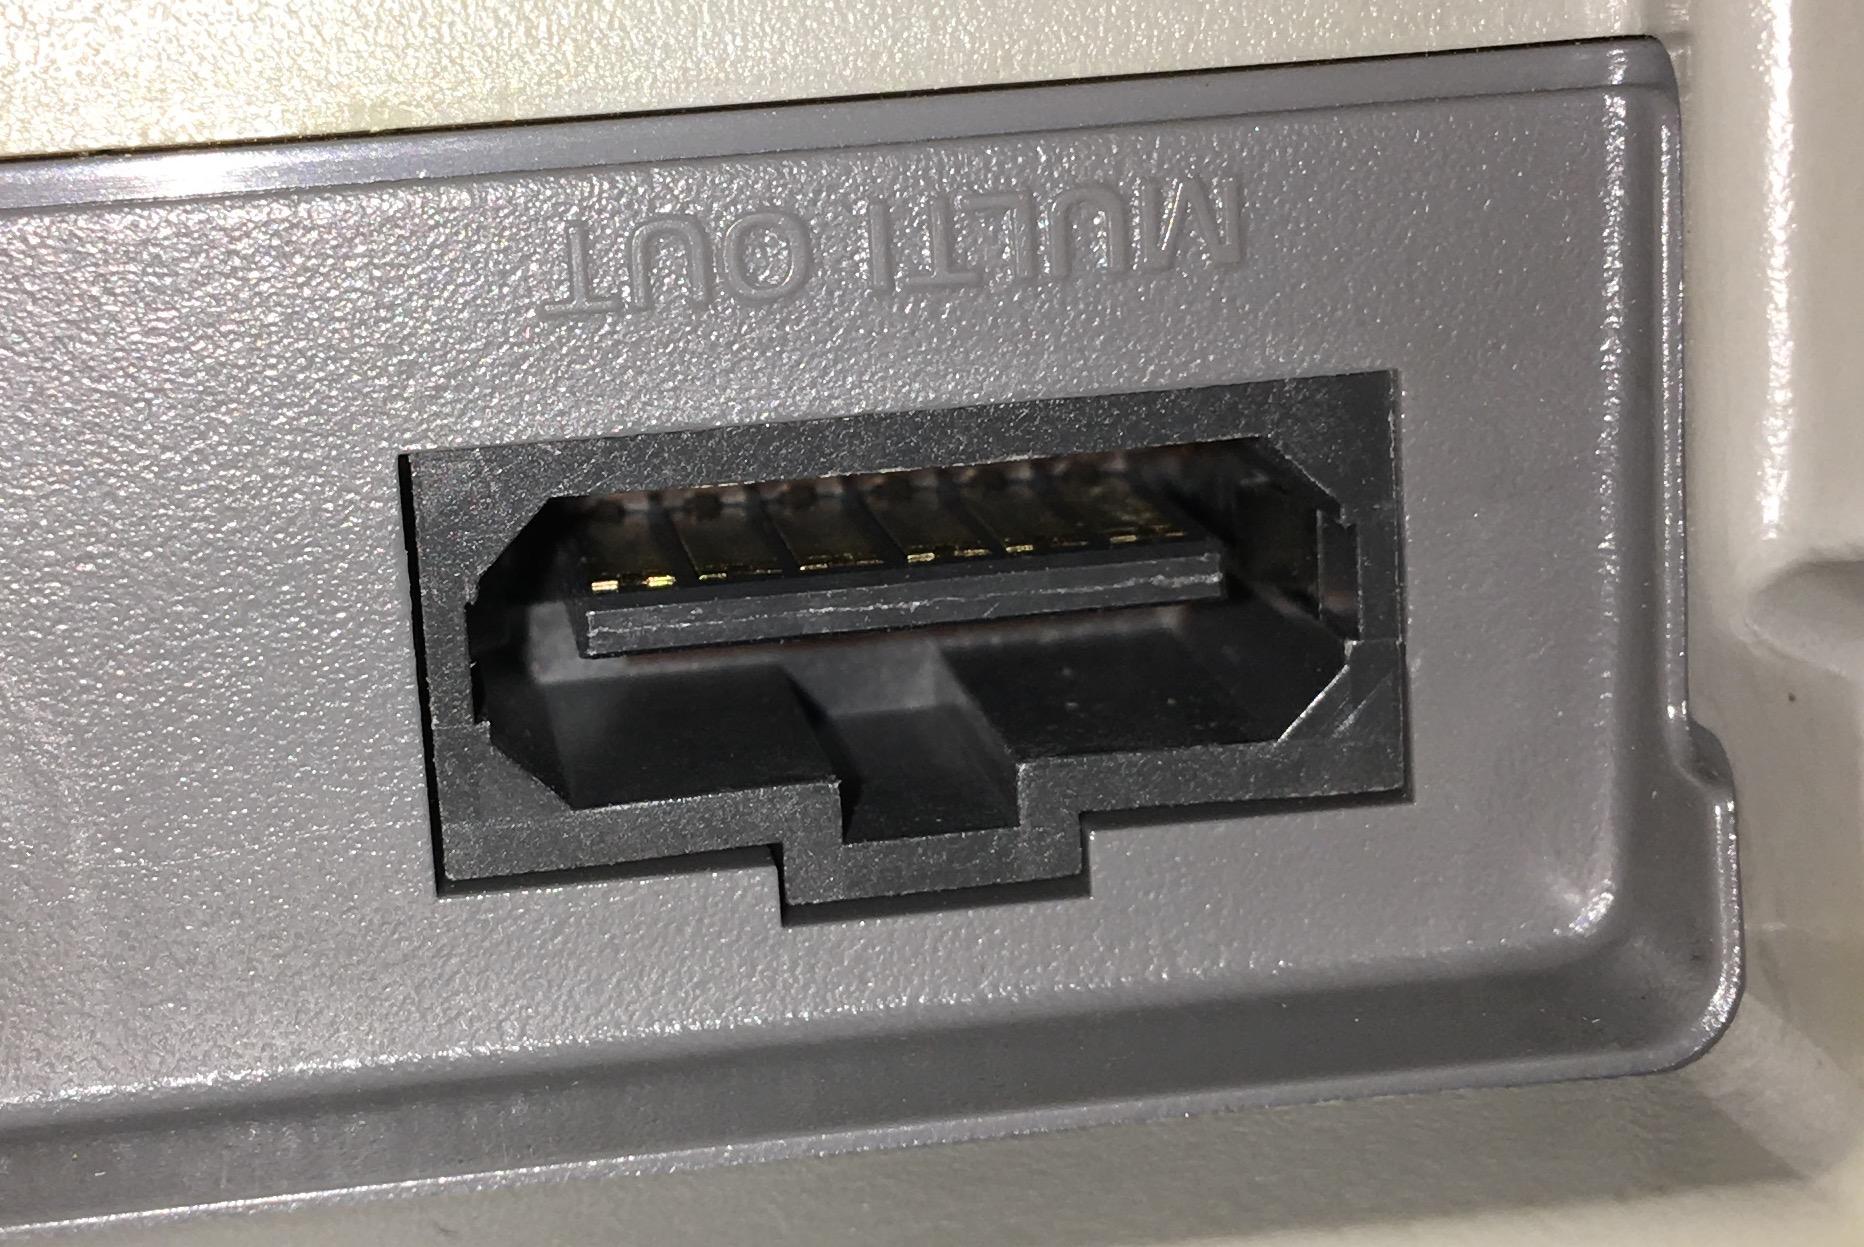 Problème d'affichage incomplet SNES 1485329430-image